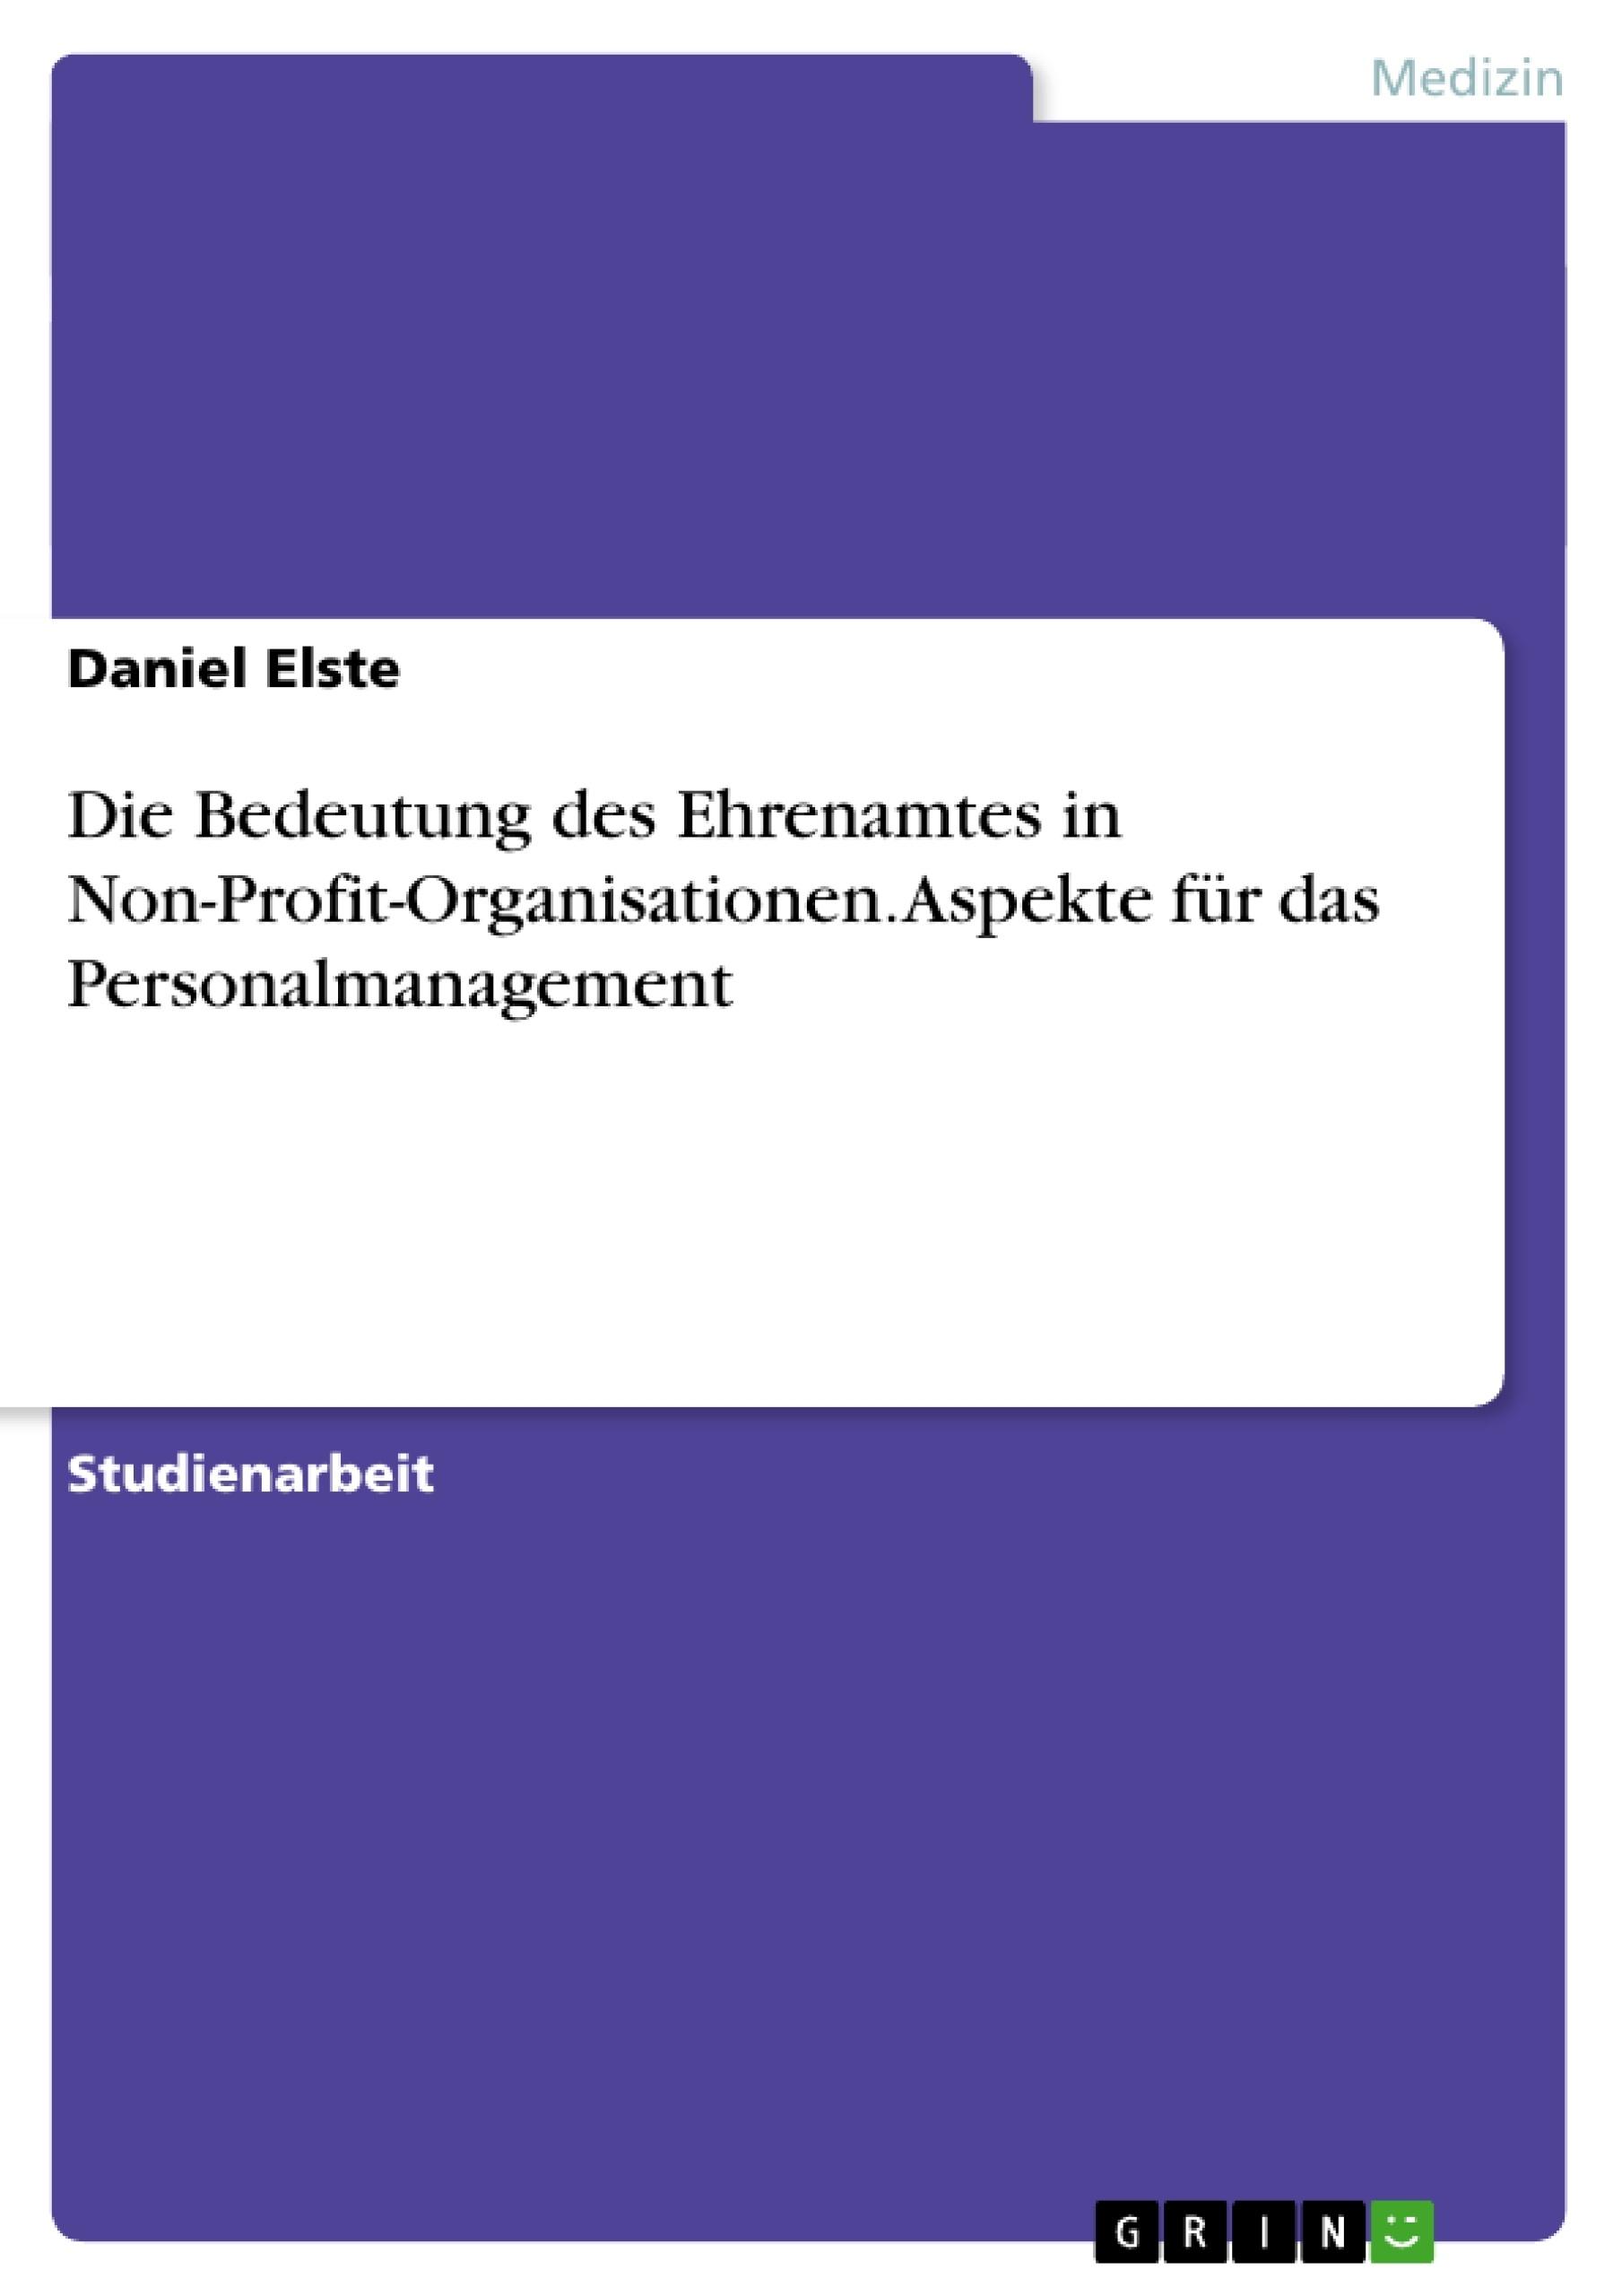 Titel: Die Bedeutung des Ehrenamtes in Non-Profit-Organisationen. Aspekte für das Personalmanagement